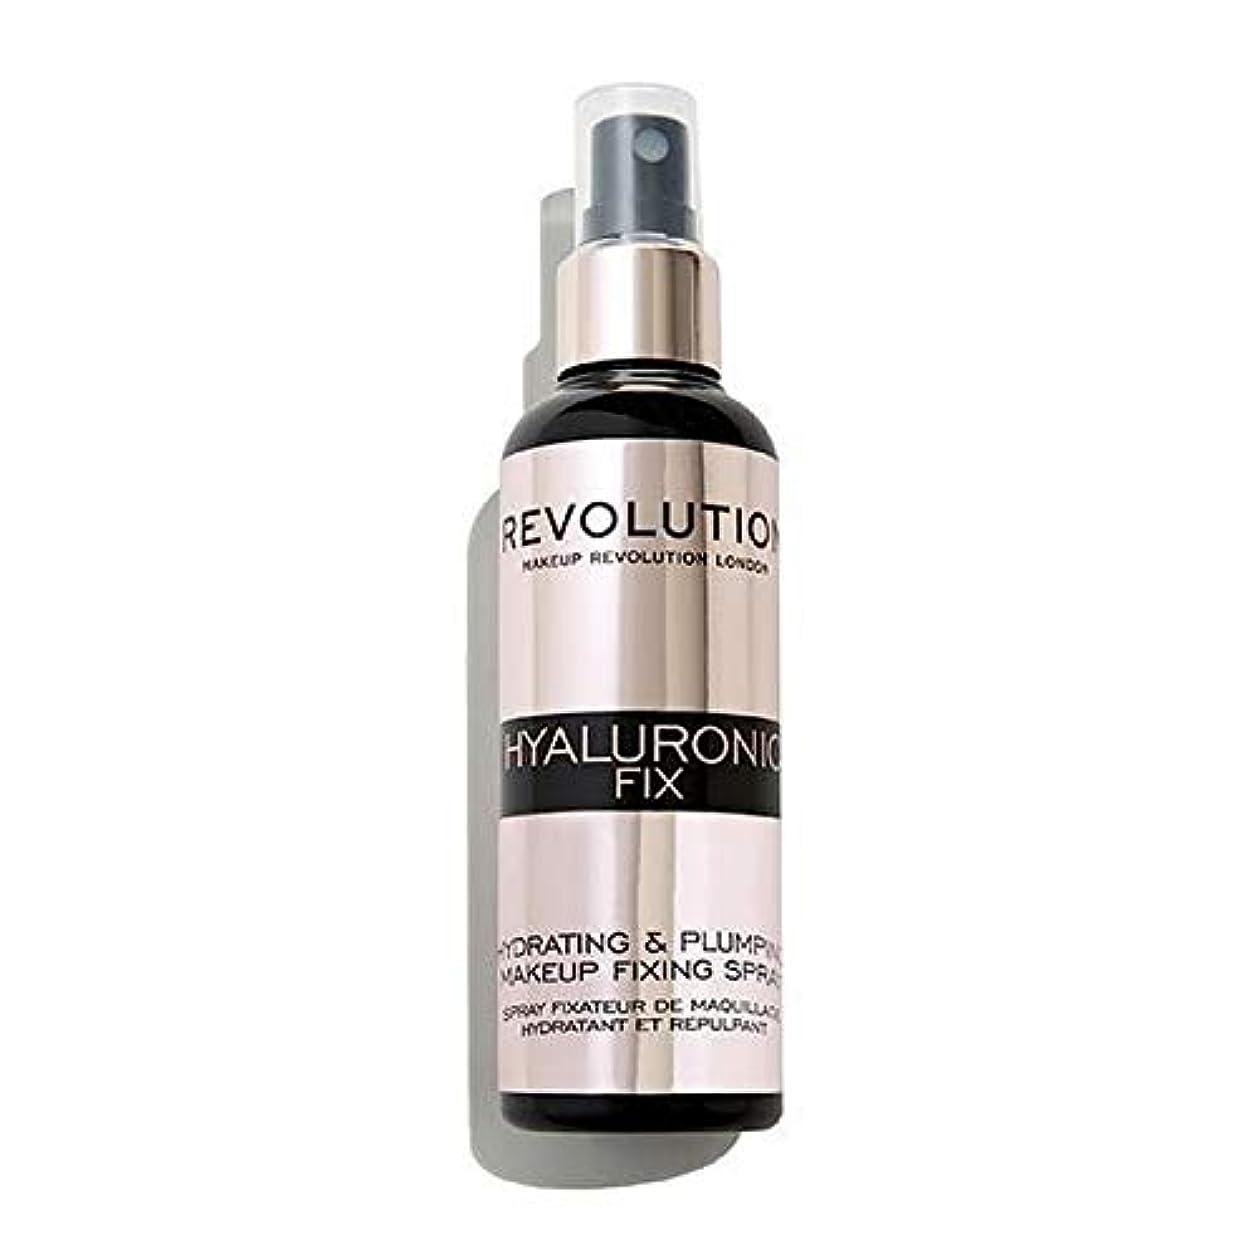 ミネラルクリックアナニバー[Revolution ] 化粧革命ヒアルロン固定スプレー - Makeup Revolution Hyaluronic Fixing Spray [並行輸入品]